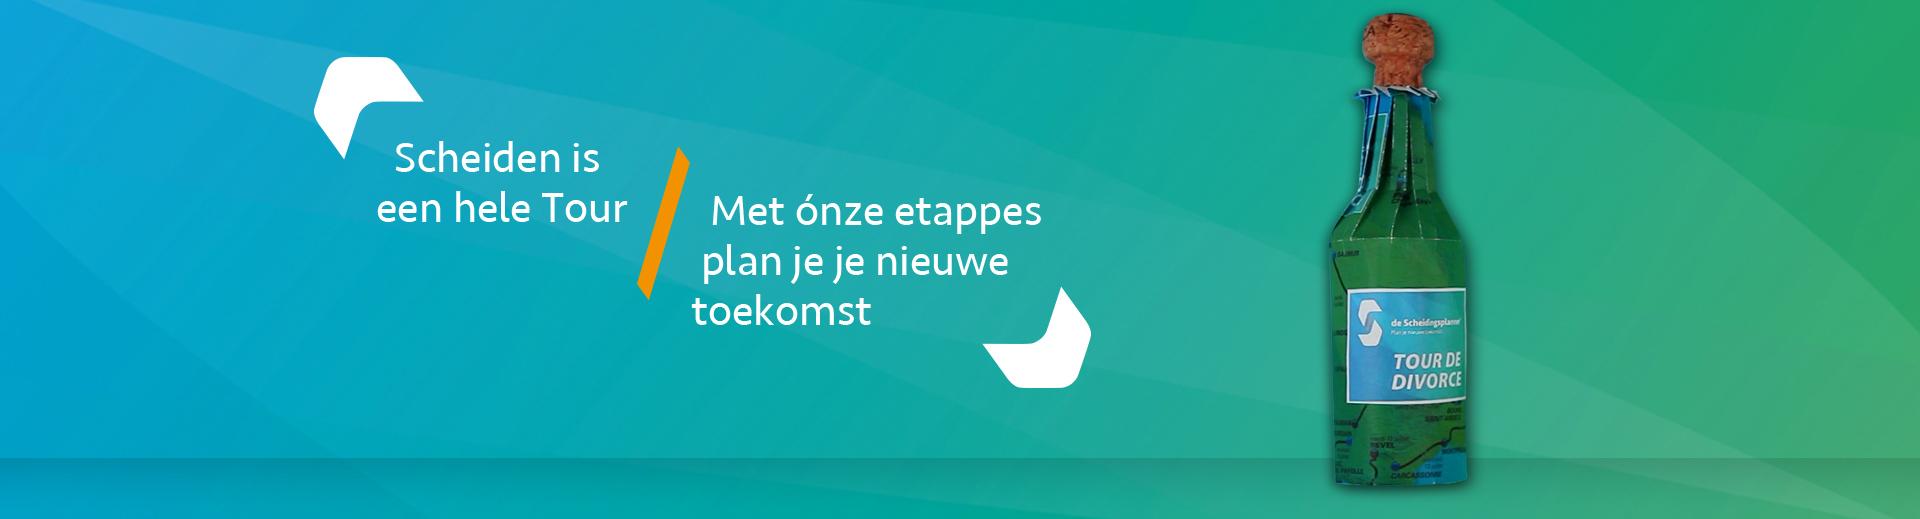 Volg onze Tour de Divorce - Scheidingsplanner Maastricht   Heerlen   Gulpen